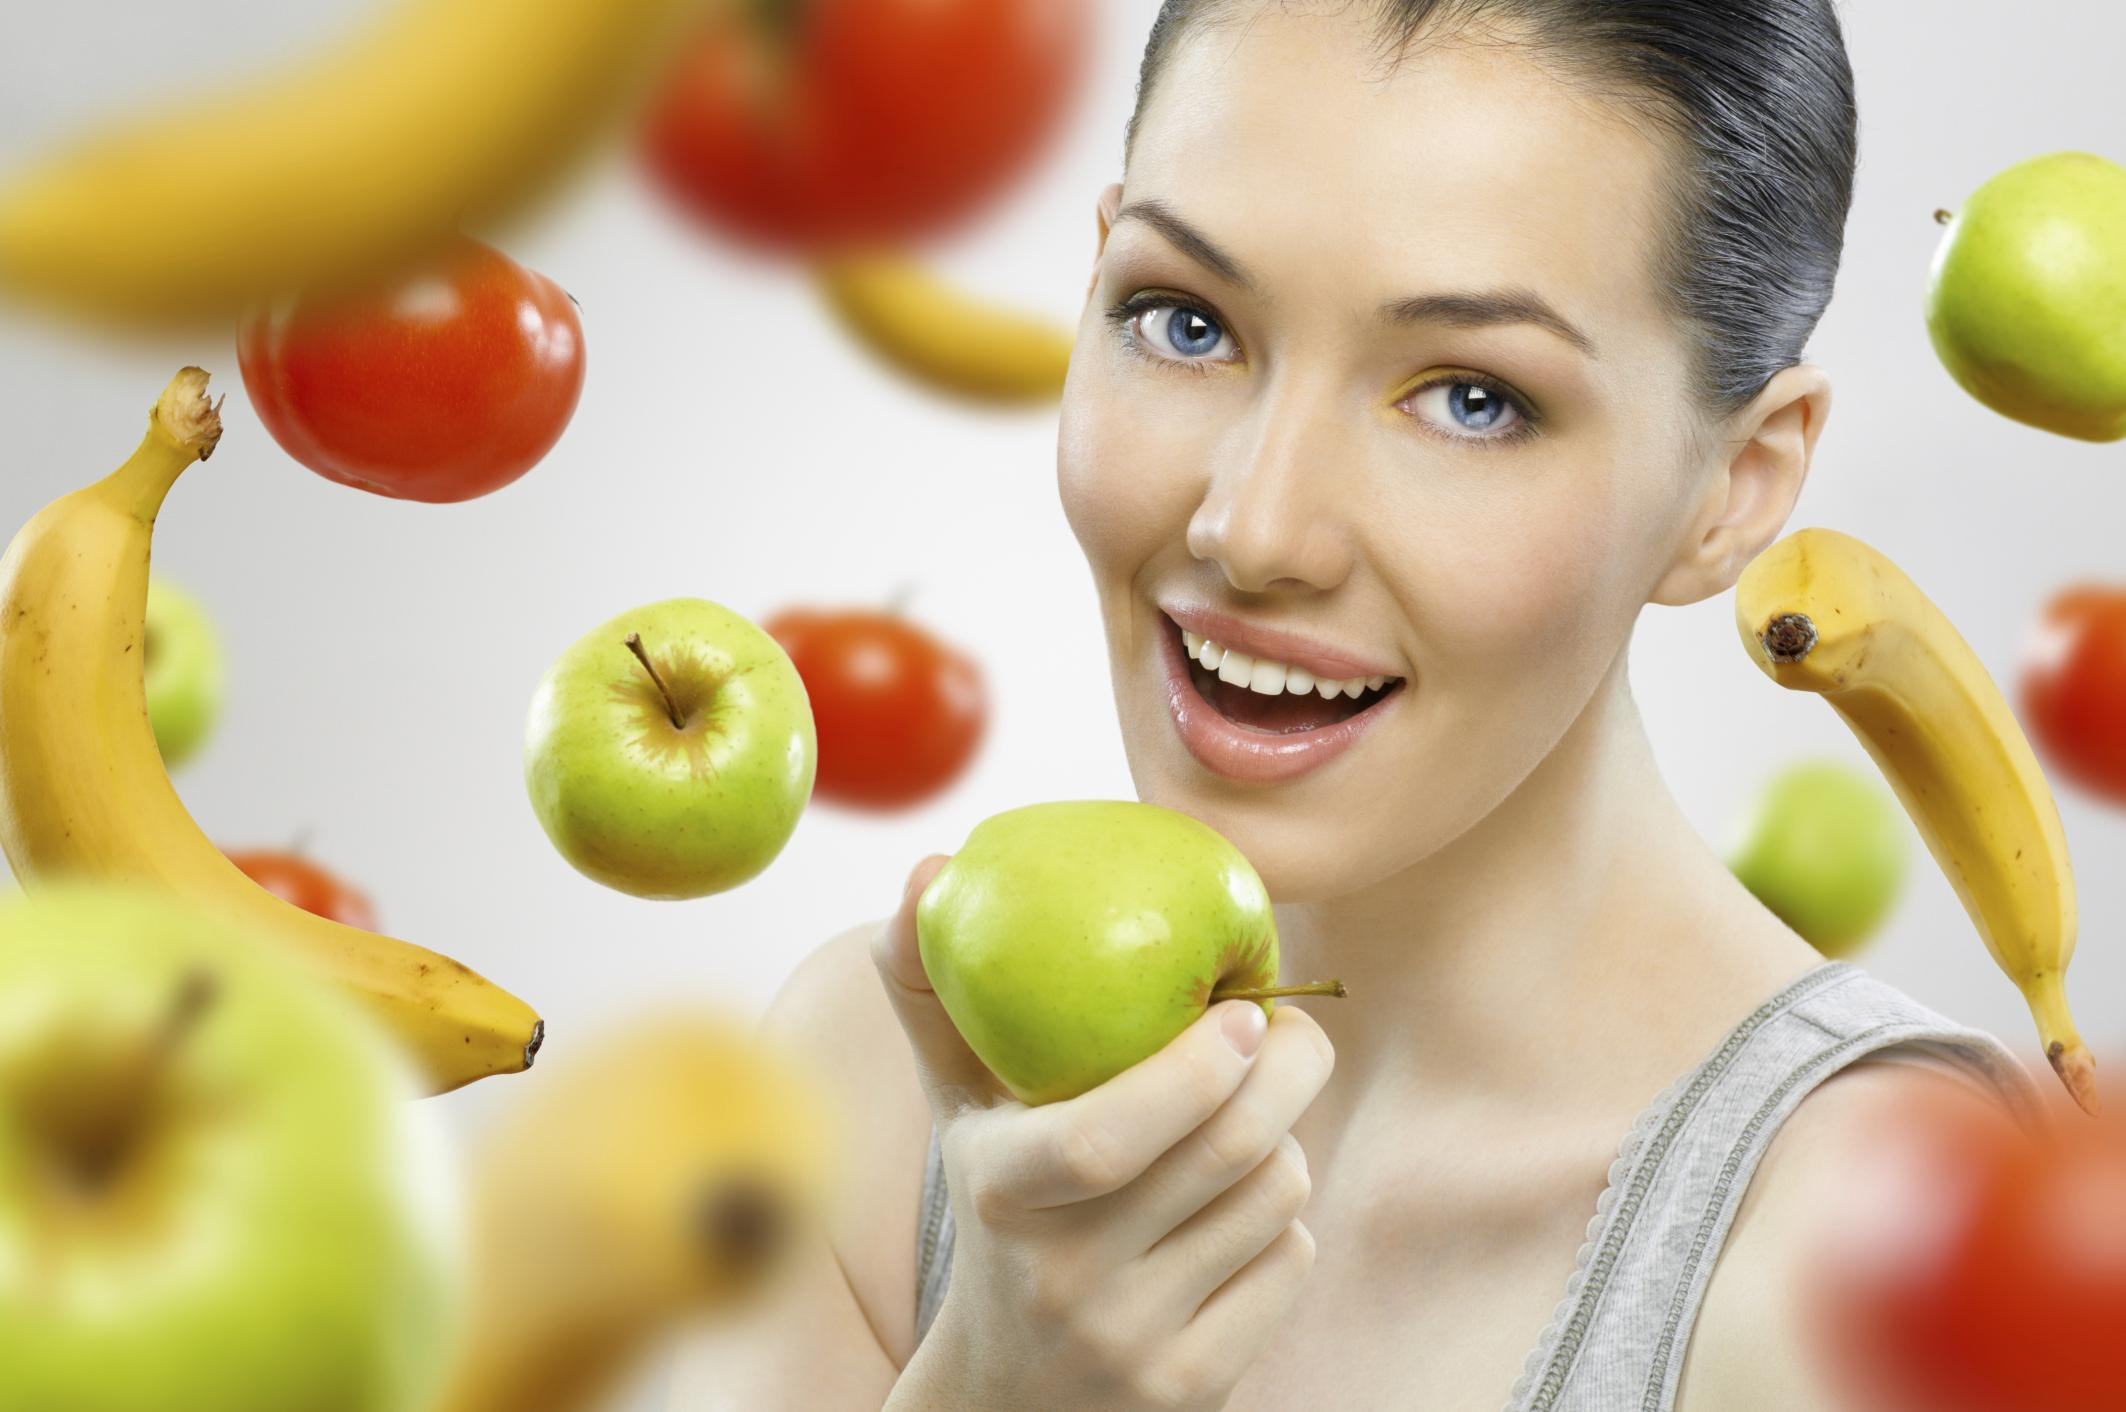 Dieta Fácil – Dieta Rápida Fácil Para Perder 5 Quilos e Emagrecer